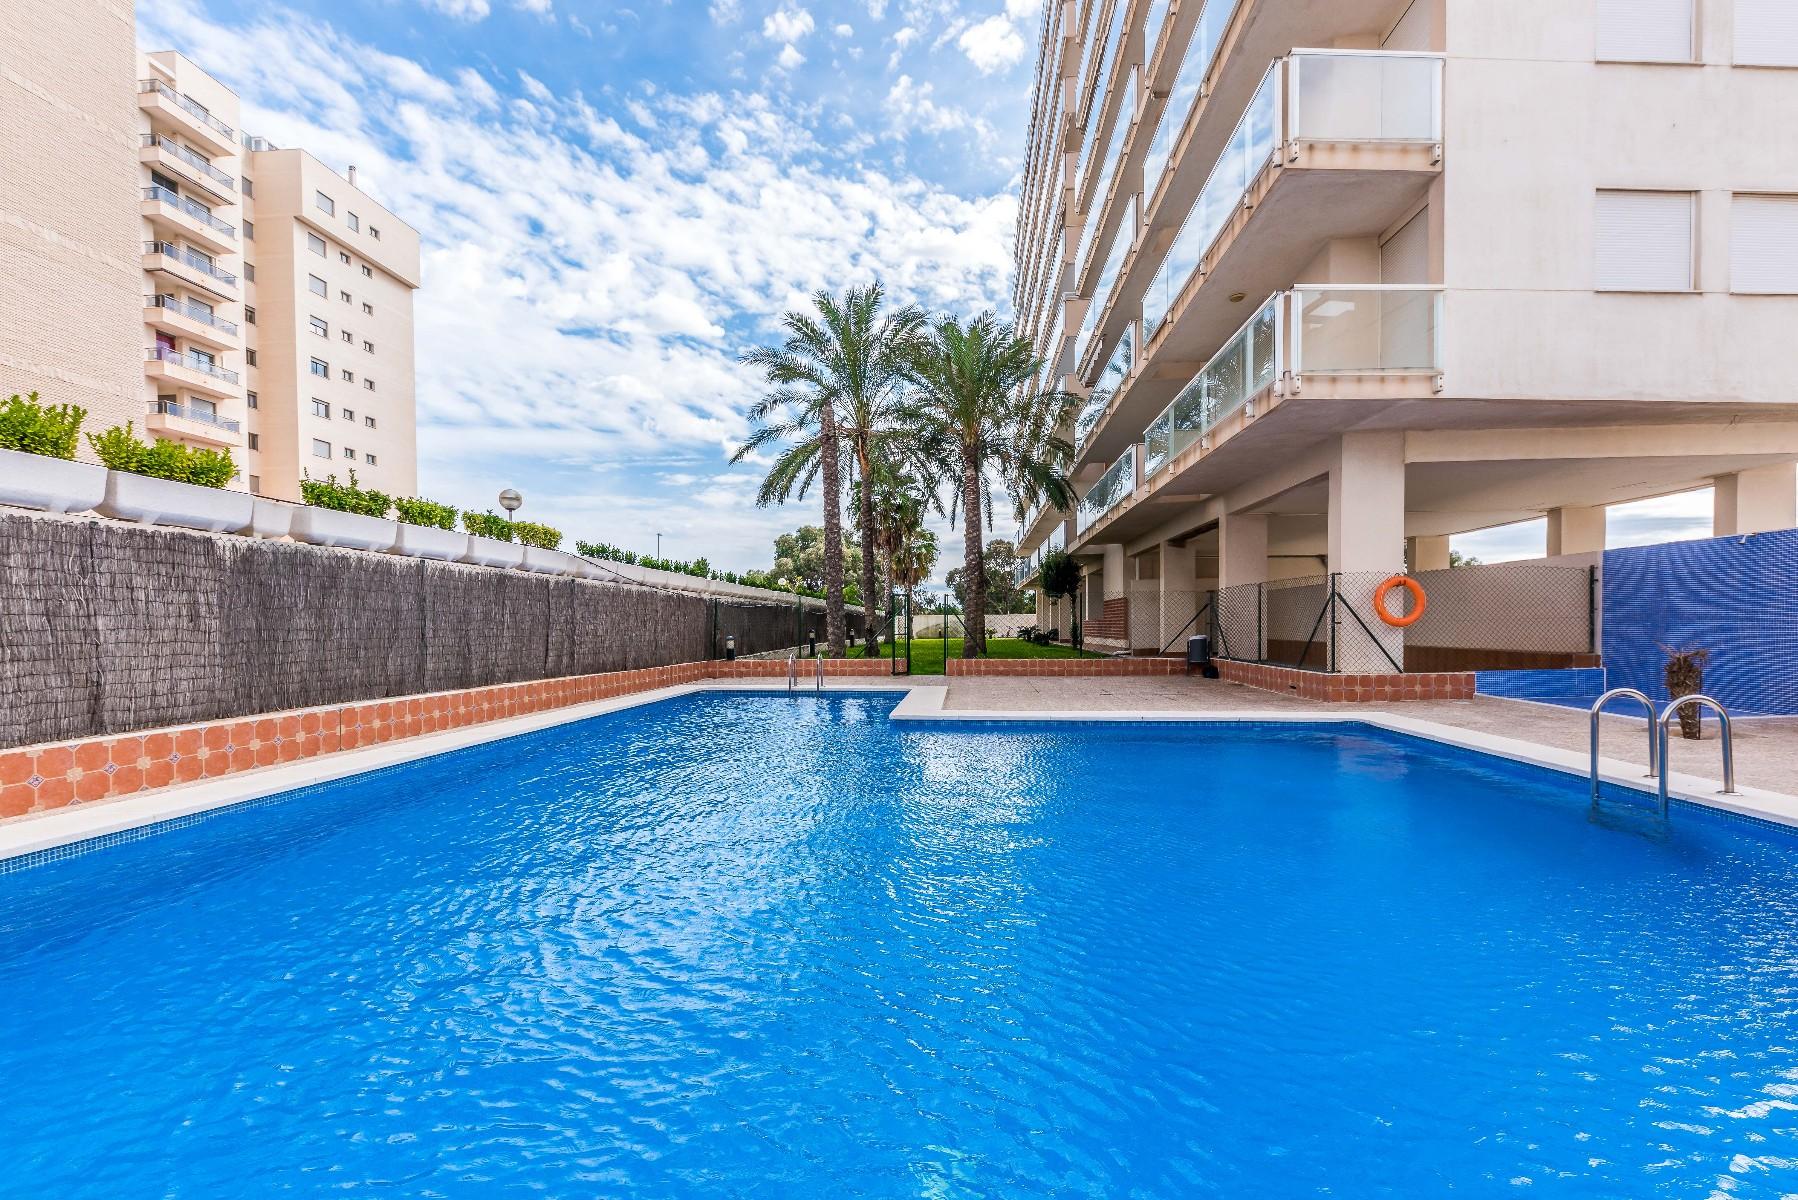 Ref:KT-89871 Apartment For Sale in Guardamar del Segura